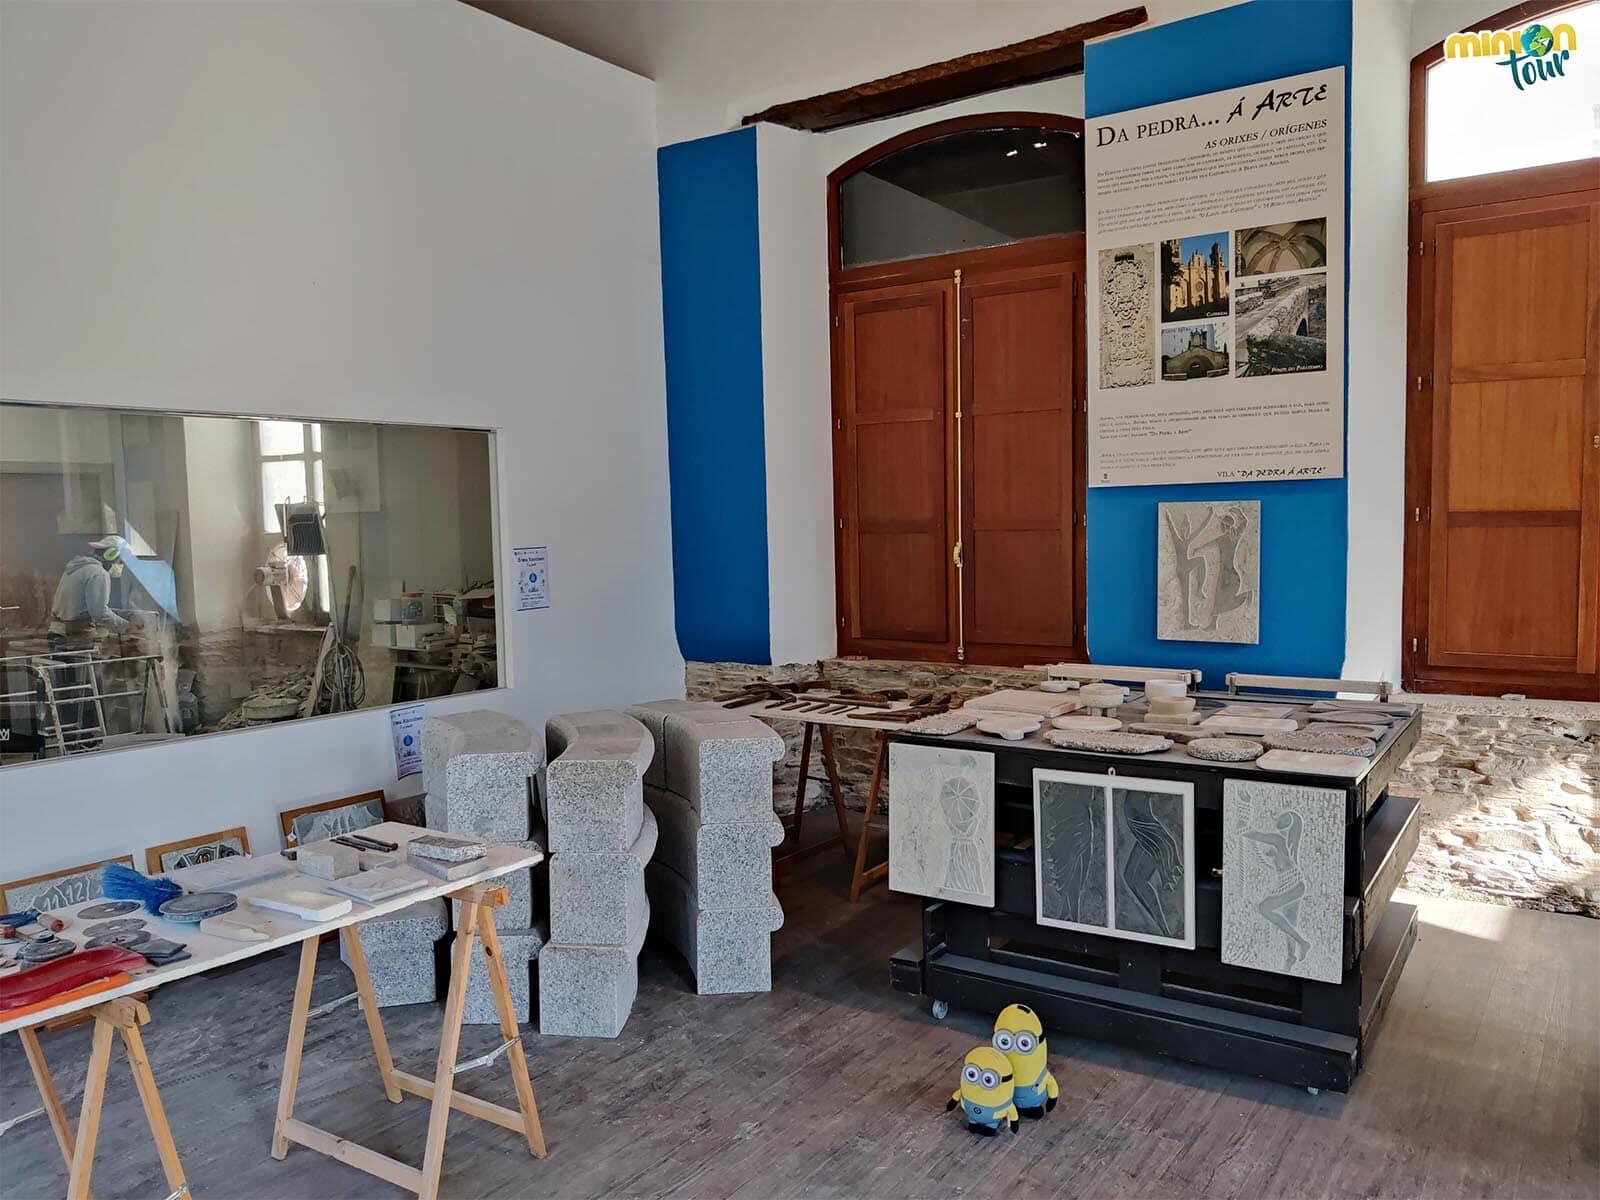 Cada taller que visitamos nos sorprende aún más que el anterior